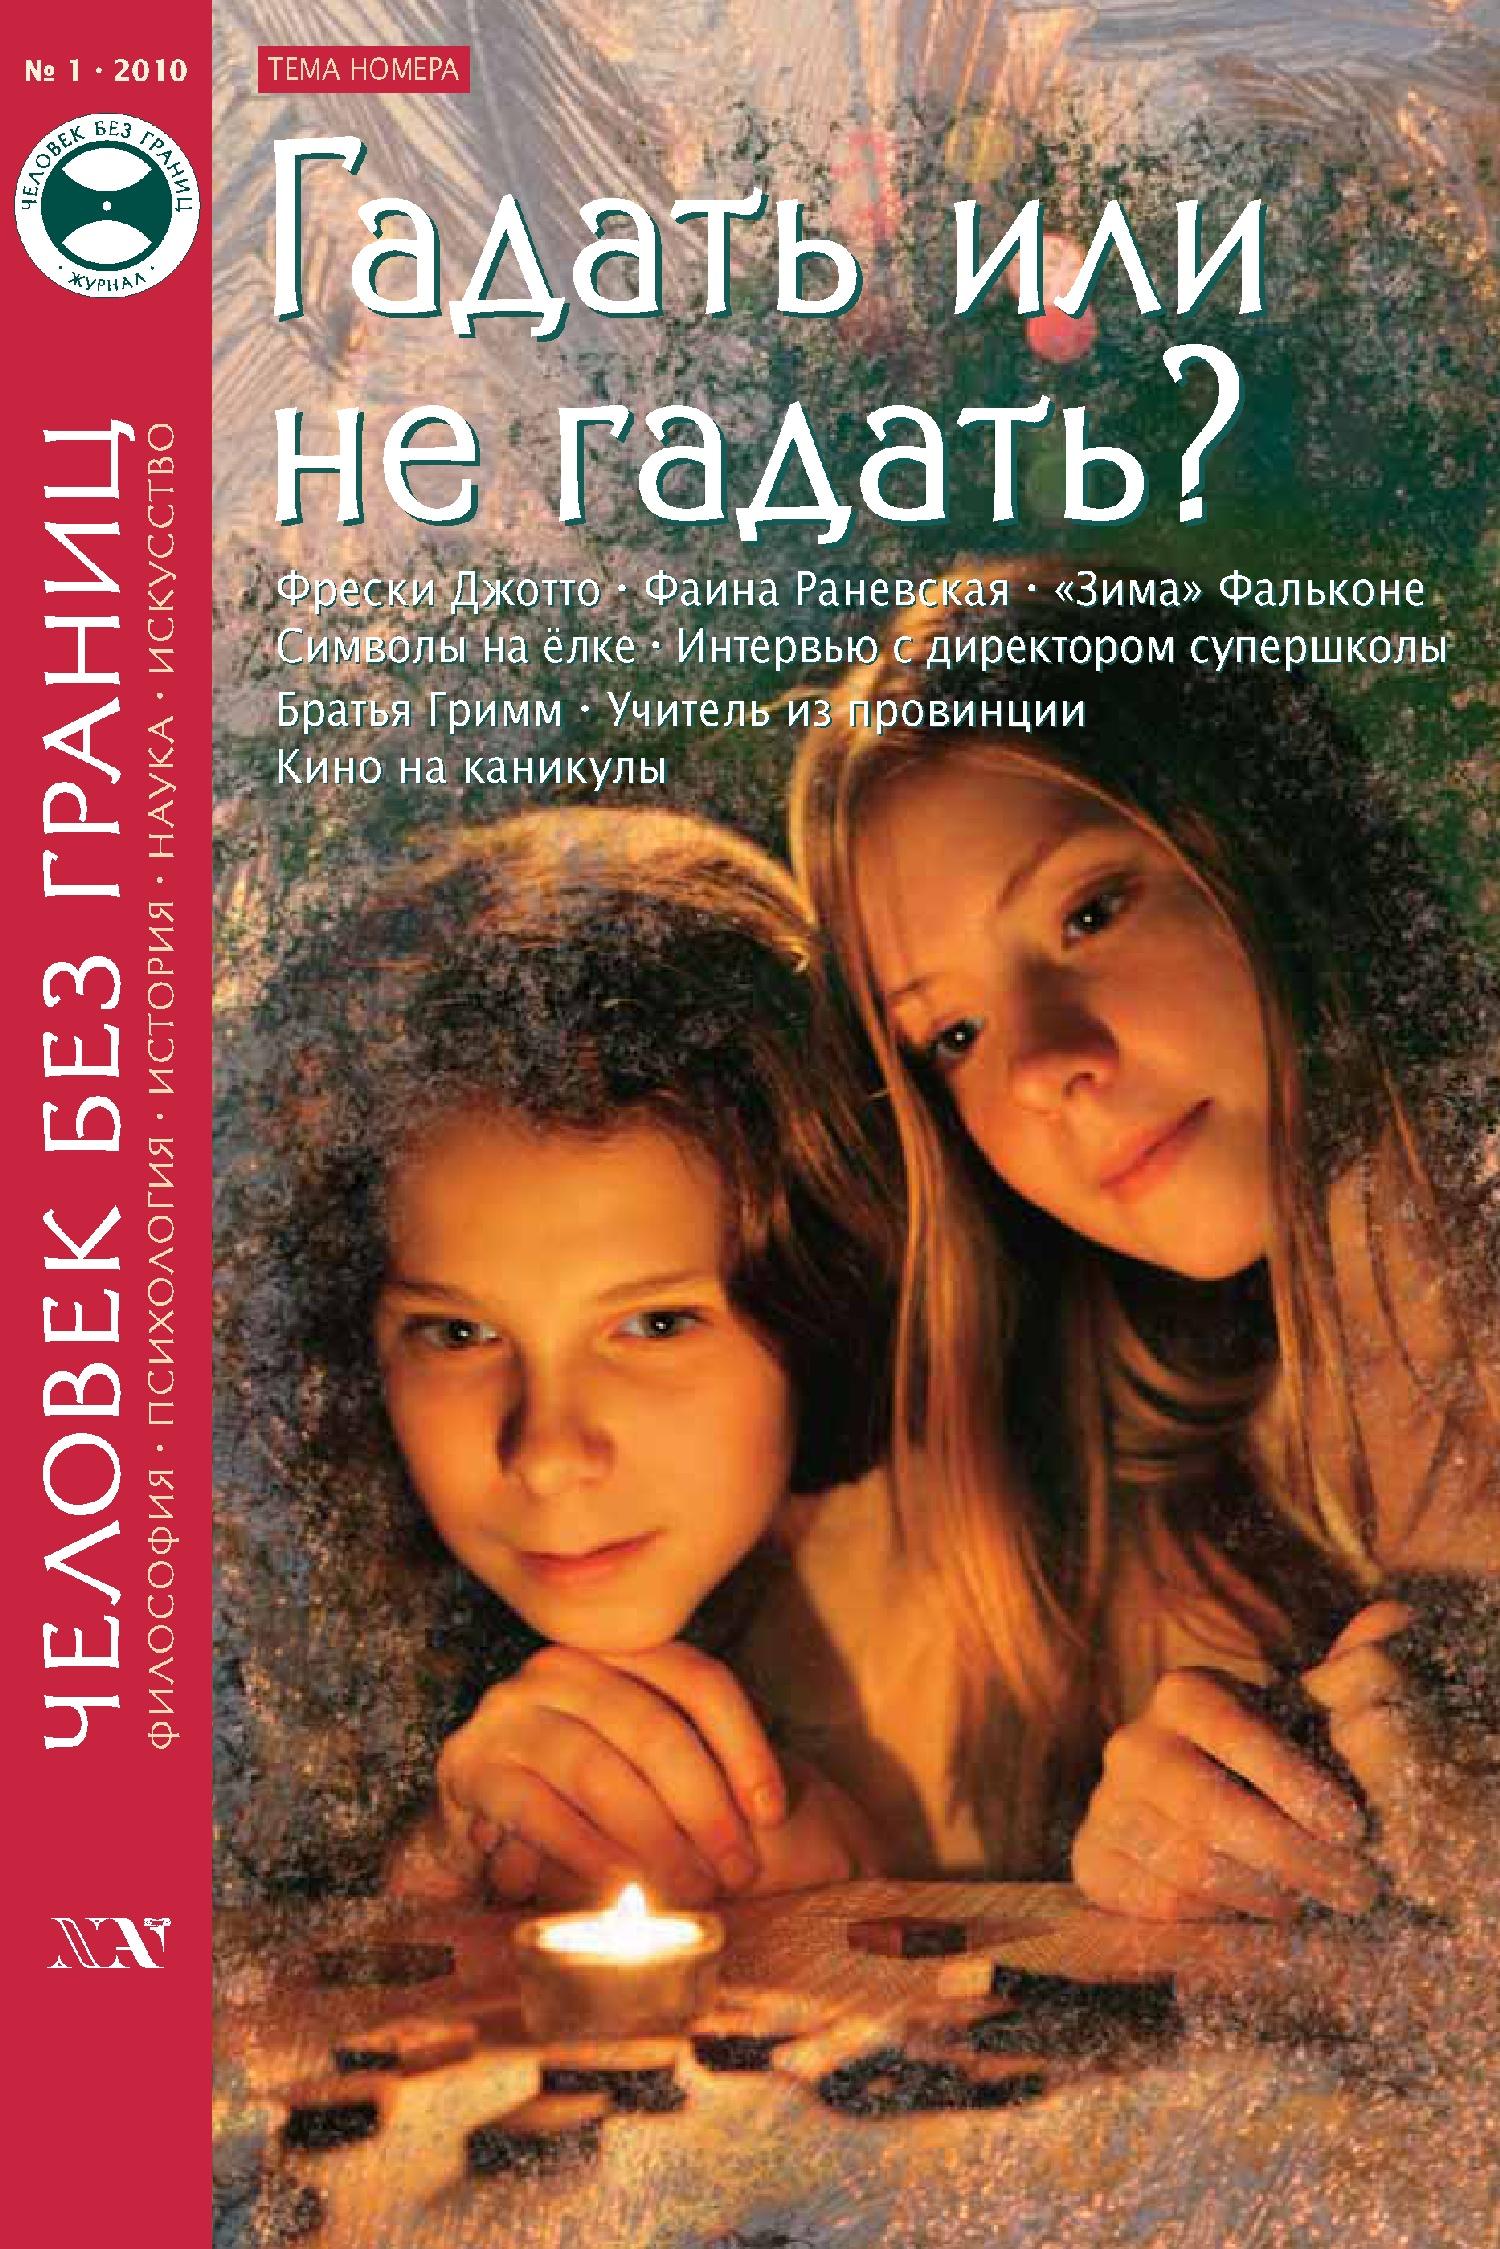 Отсутствует Журнал «Человек без границ» №1 (50) 2010 арман кишкембаев лирика без границ часть 2